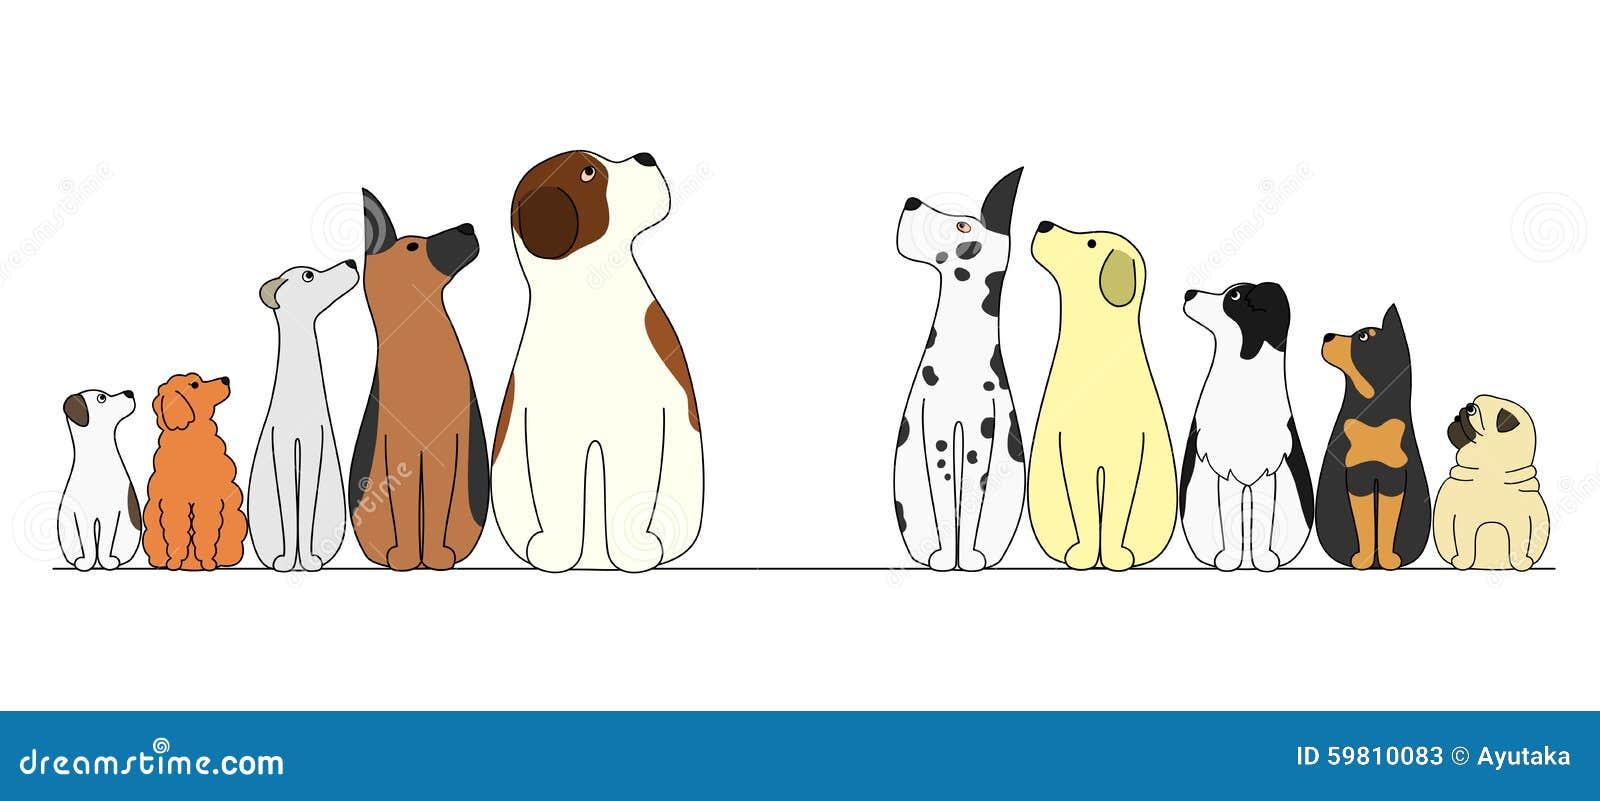 Σκυλιά σε μια σειρά, που φαίνεται κέντρο